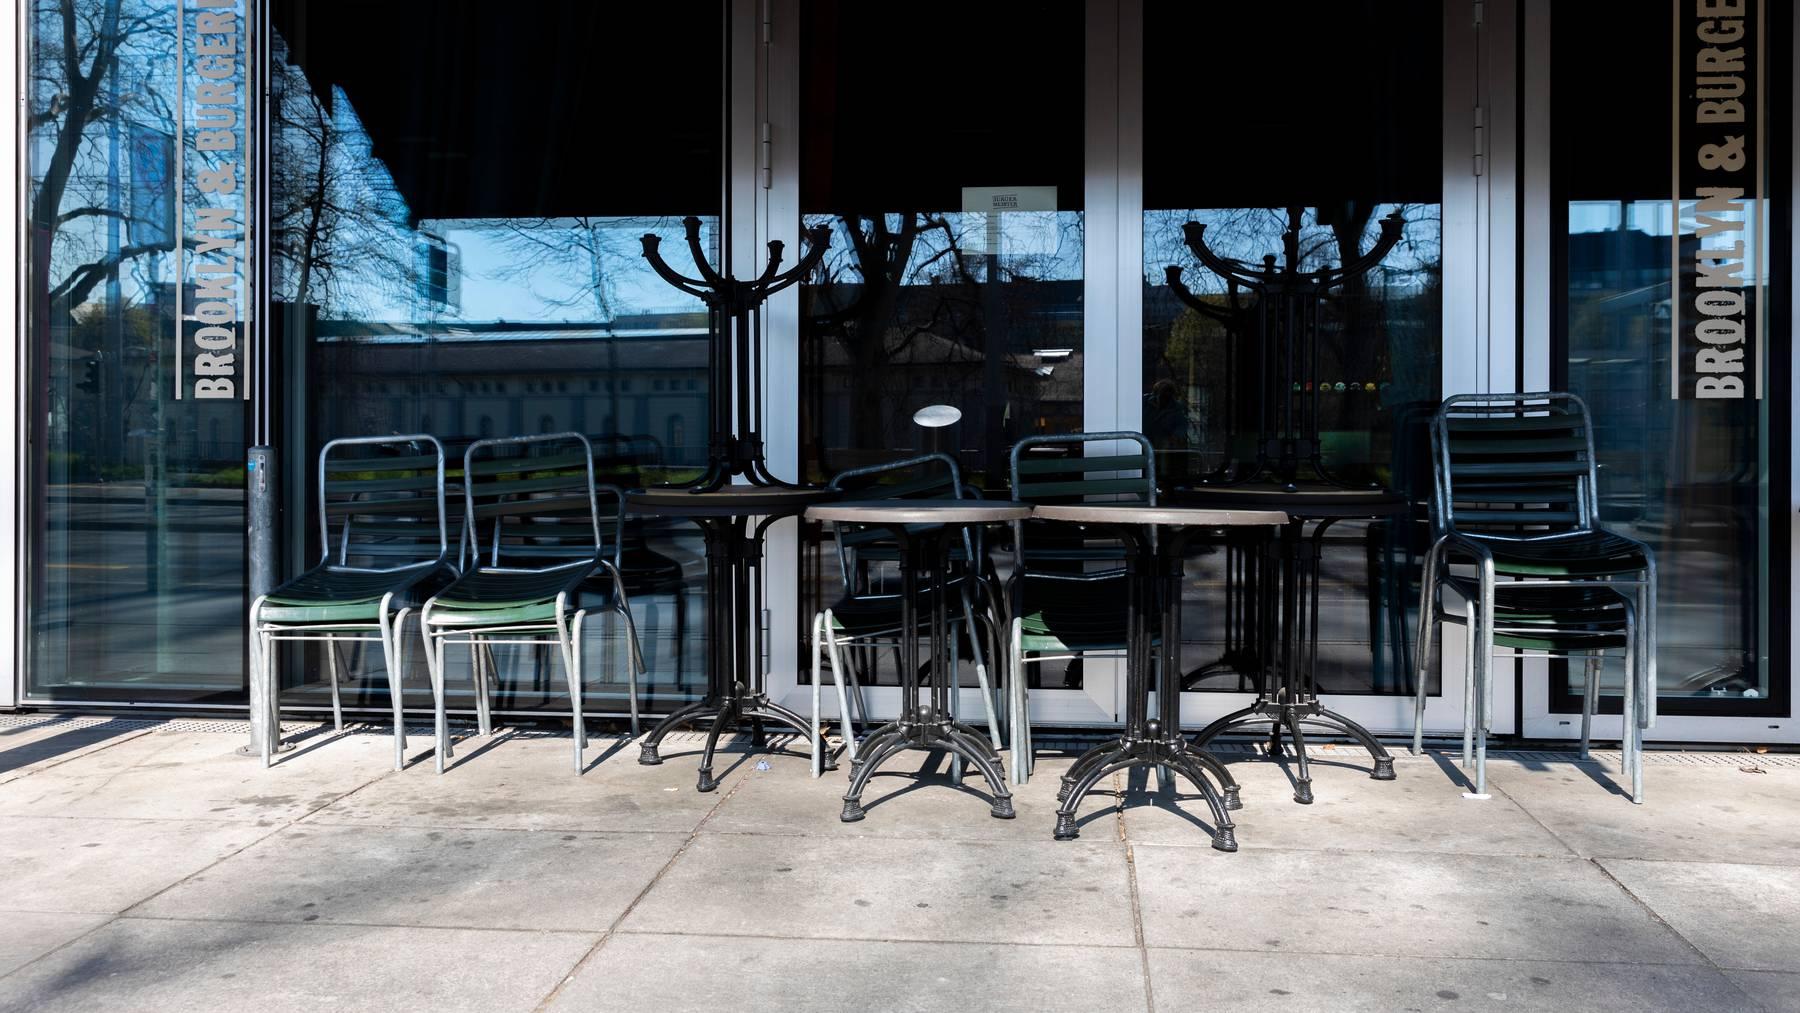 Restaurants dürfen vorübergehend ihre Aussenfläche vergrössern.